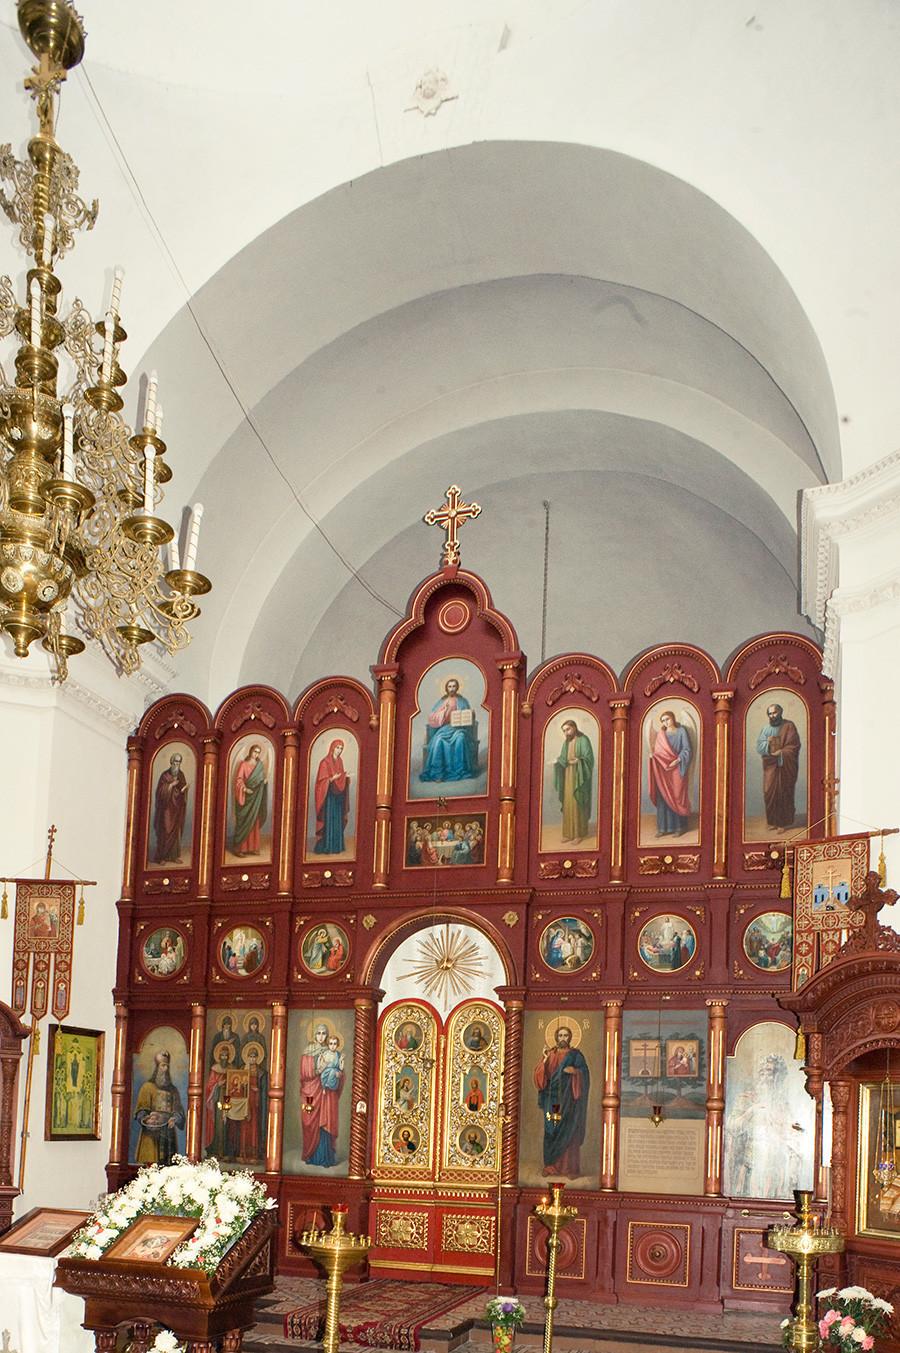 Okovecka katedrala. Notranjost, pogled proti vzhodu proti novemu ikonostasu. 24. avgust 2016.